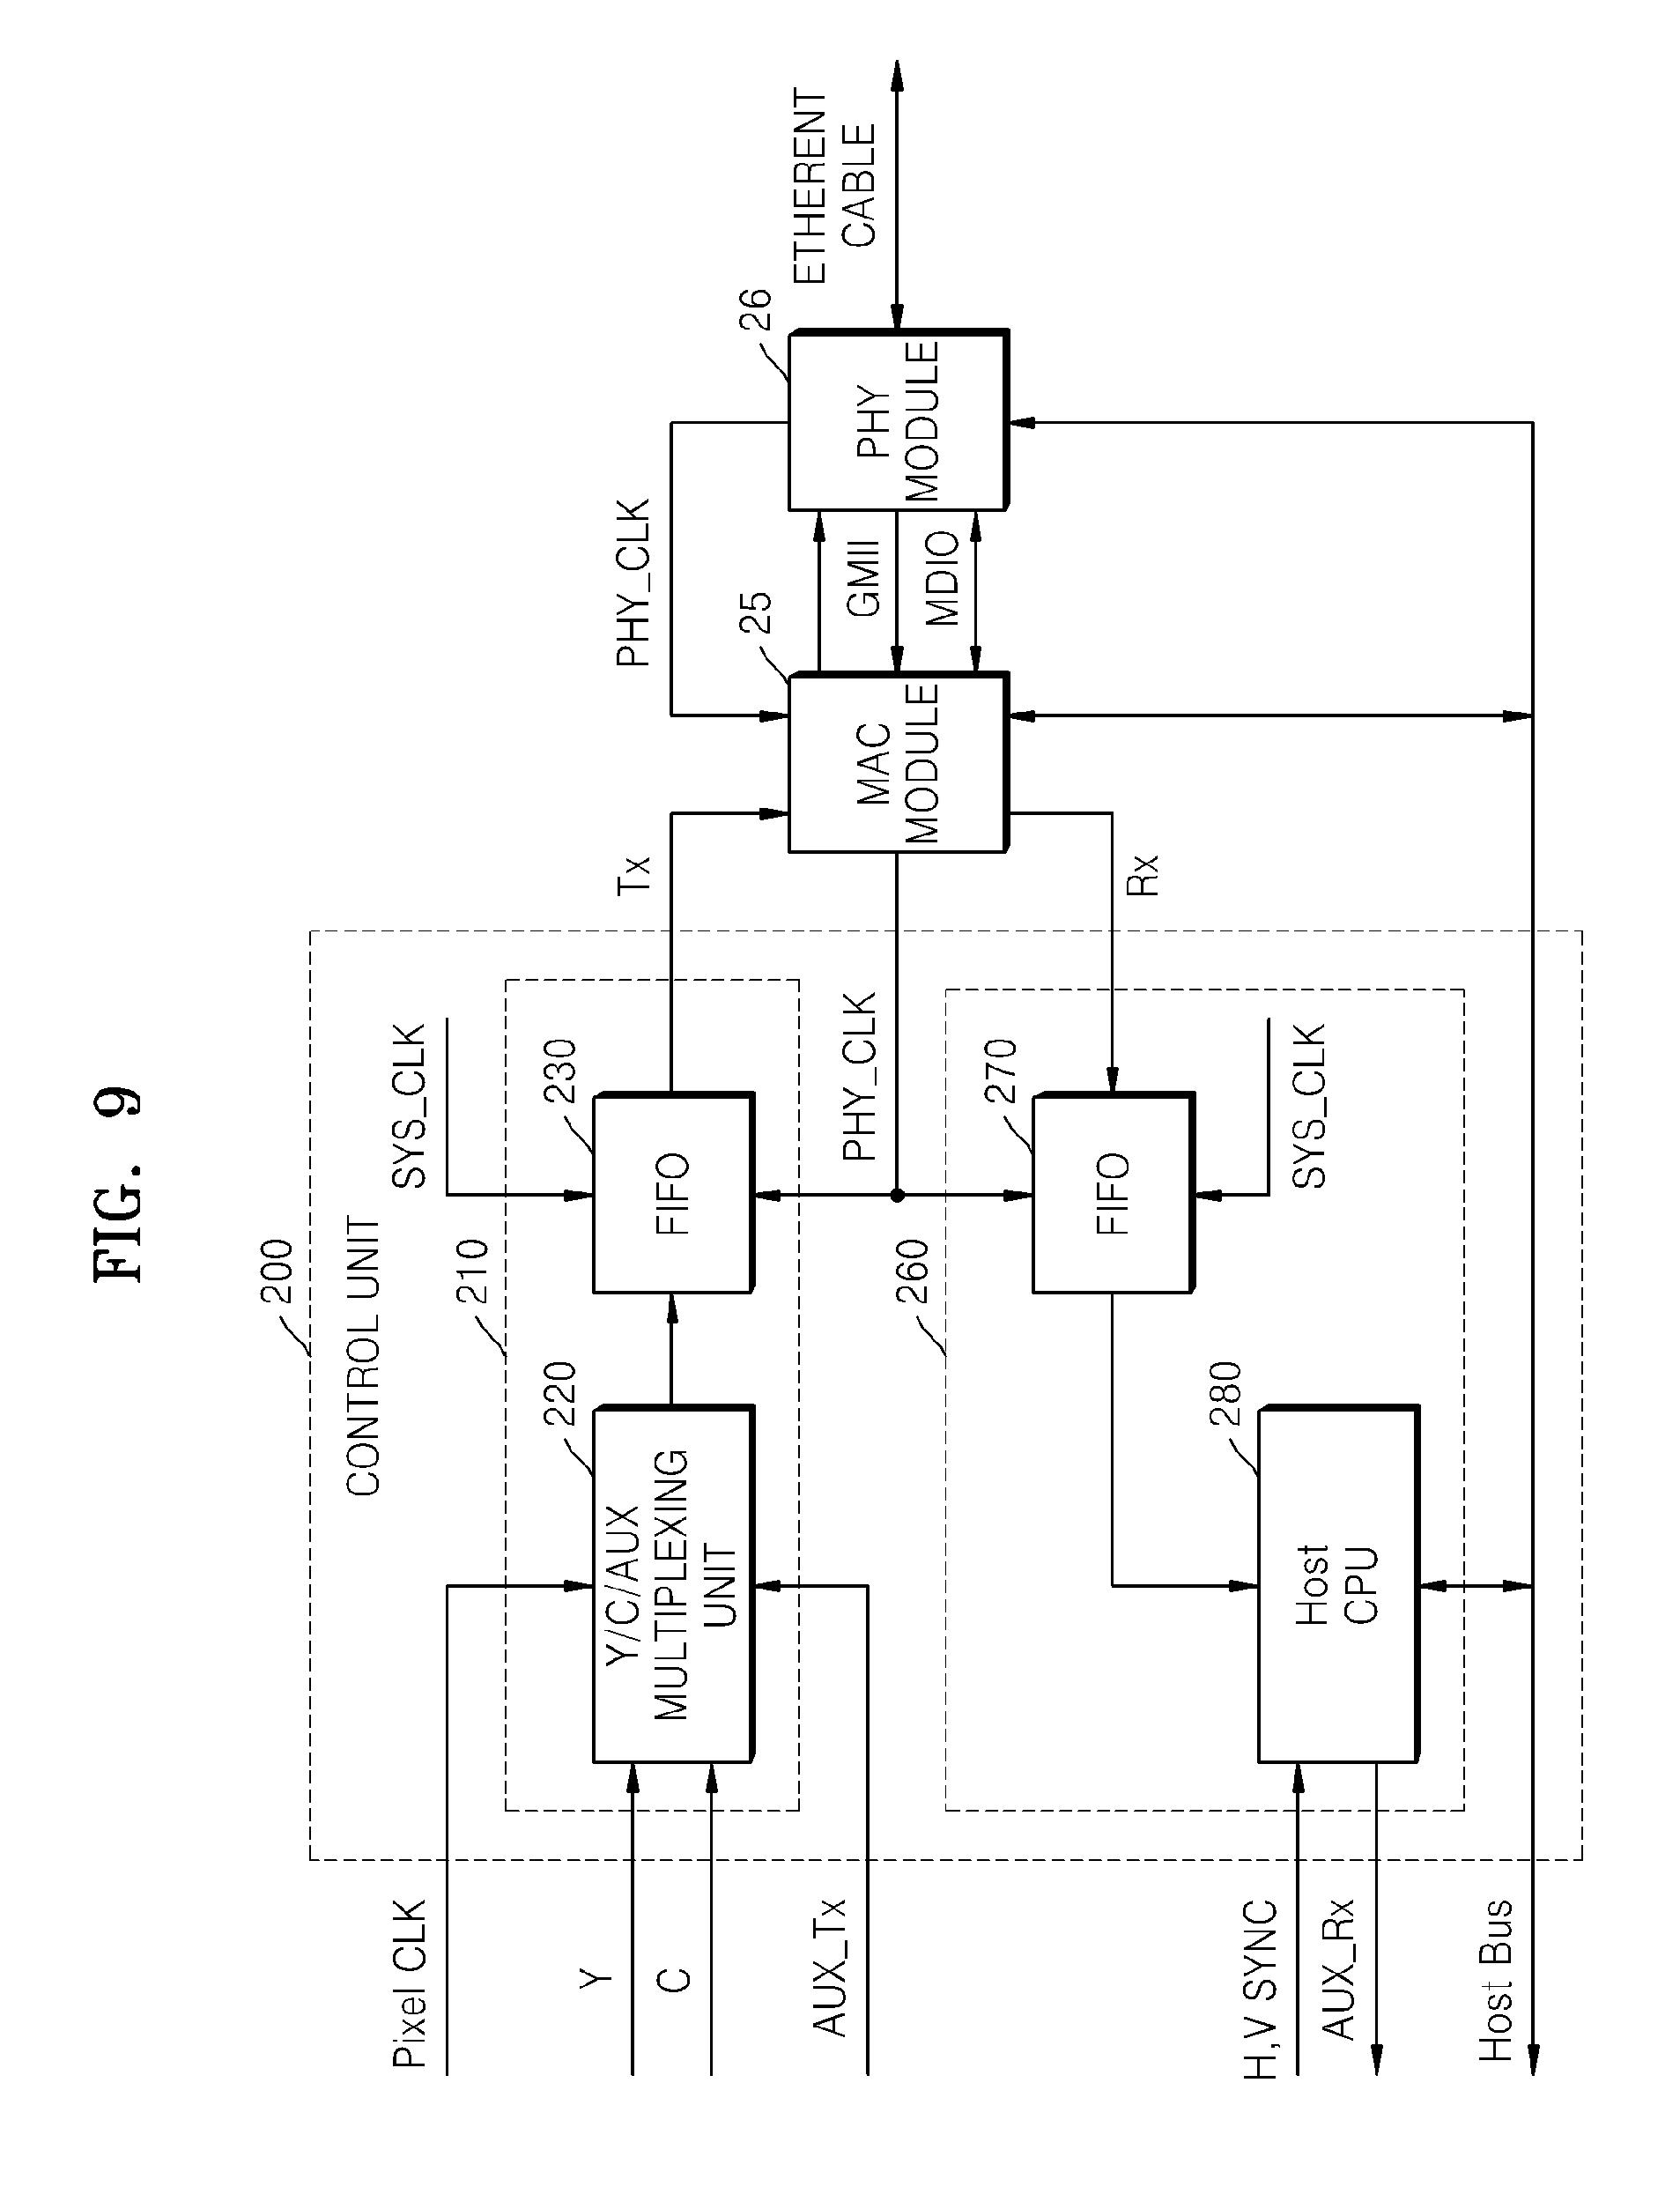 1992 suzuki gs500 wiring diagram